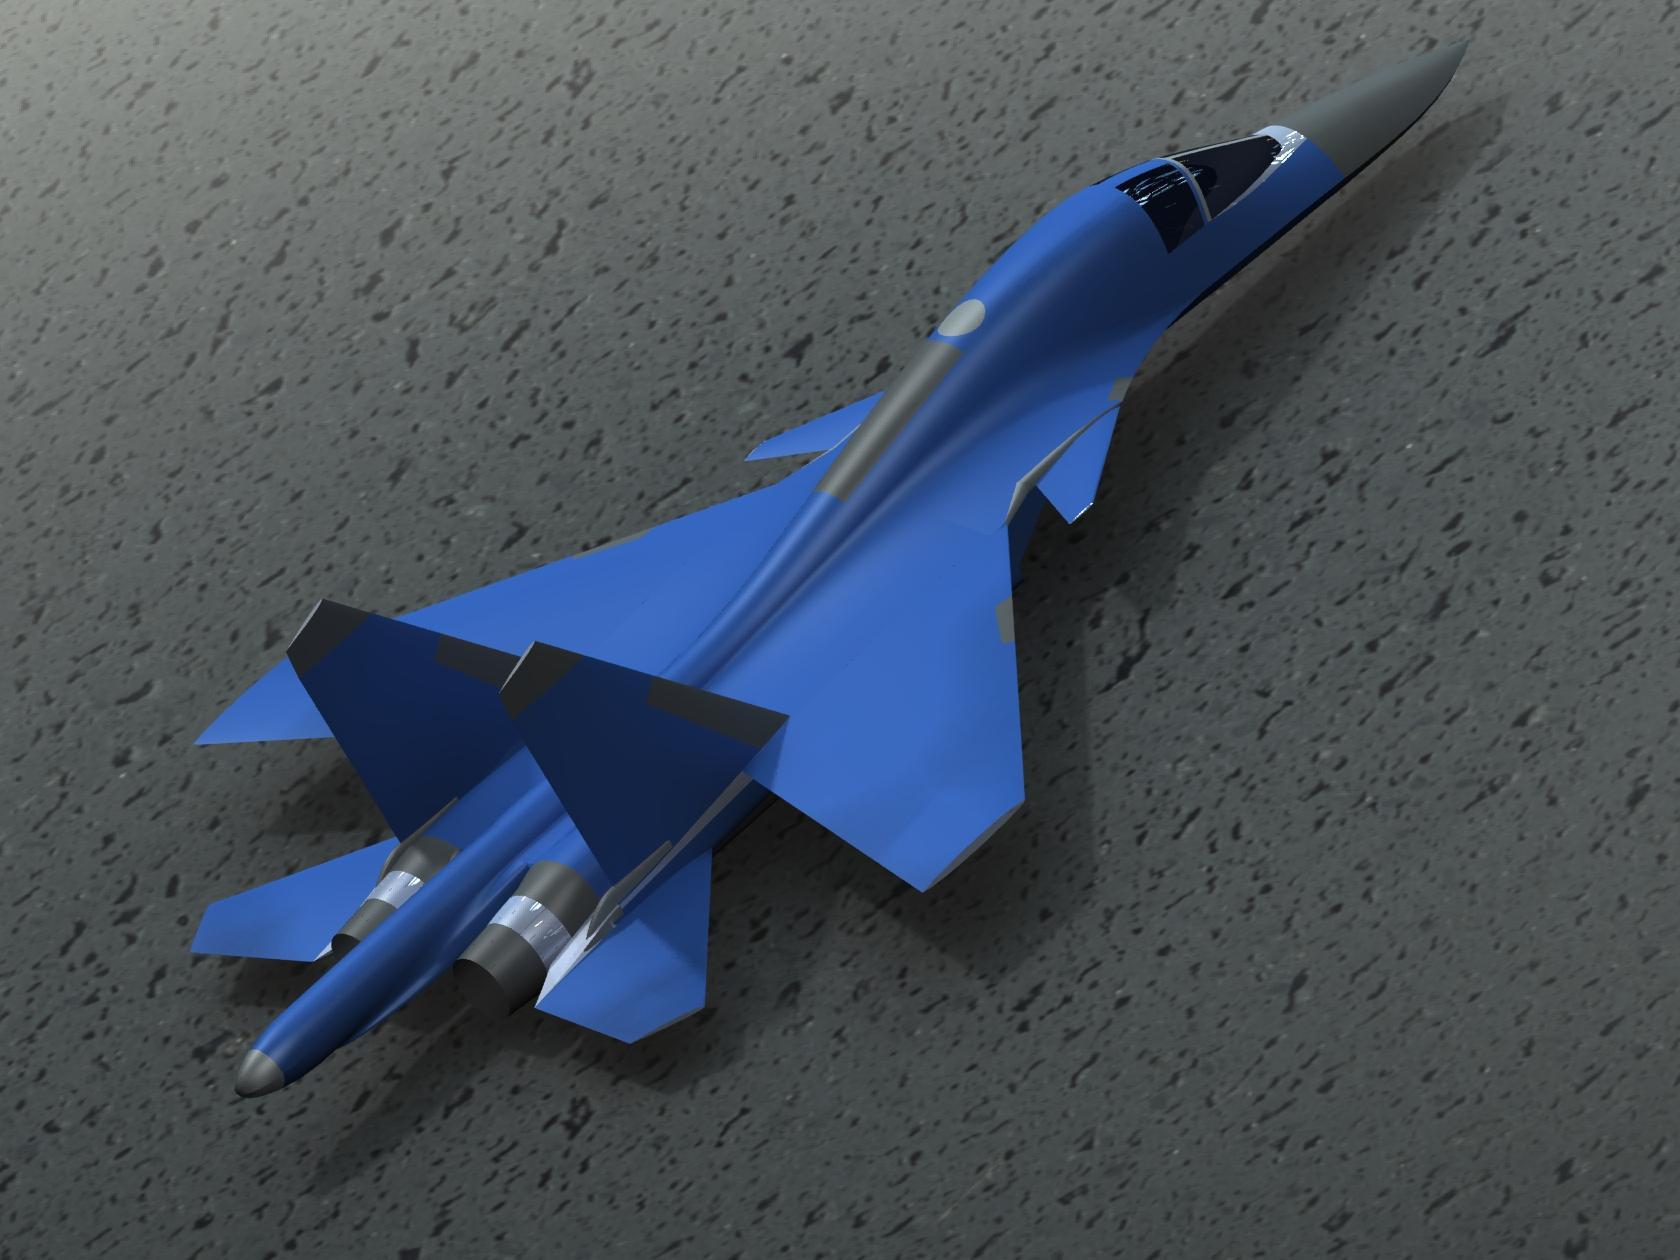 怎样制作飞机模型